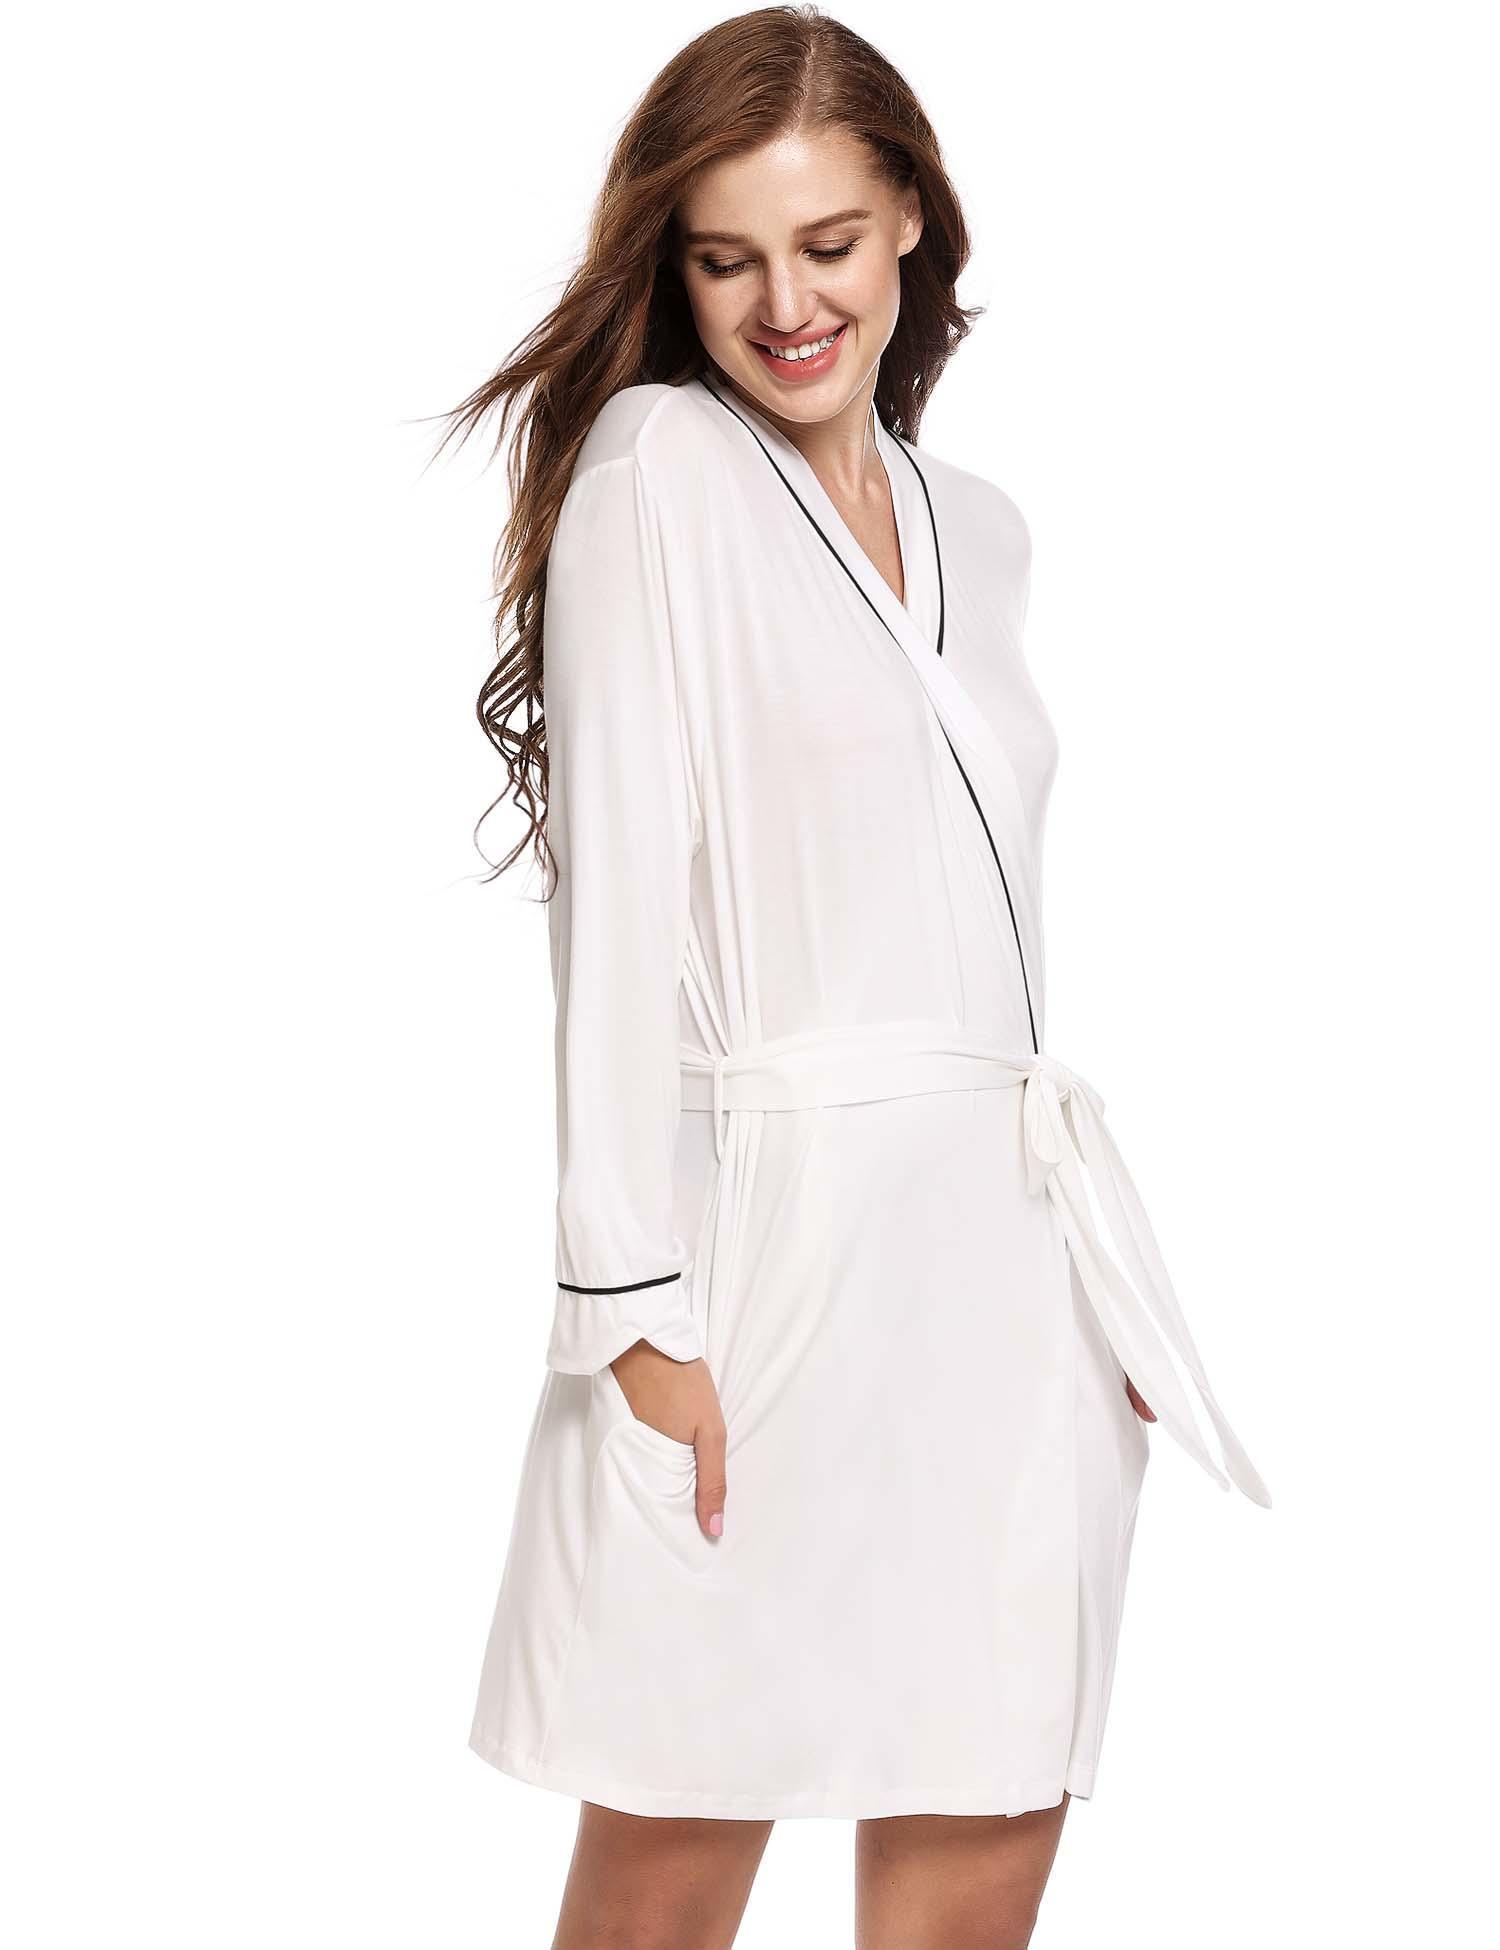 Women  s Kimono Robe Long Sleeve Lace Up Belted Sleepwear Nightgown  Nightwear HFON 3f986af75